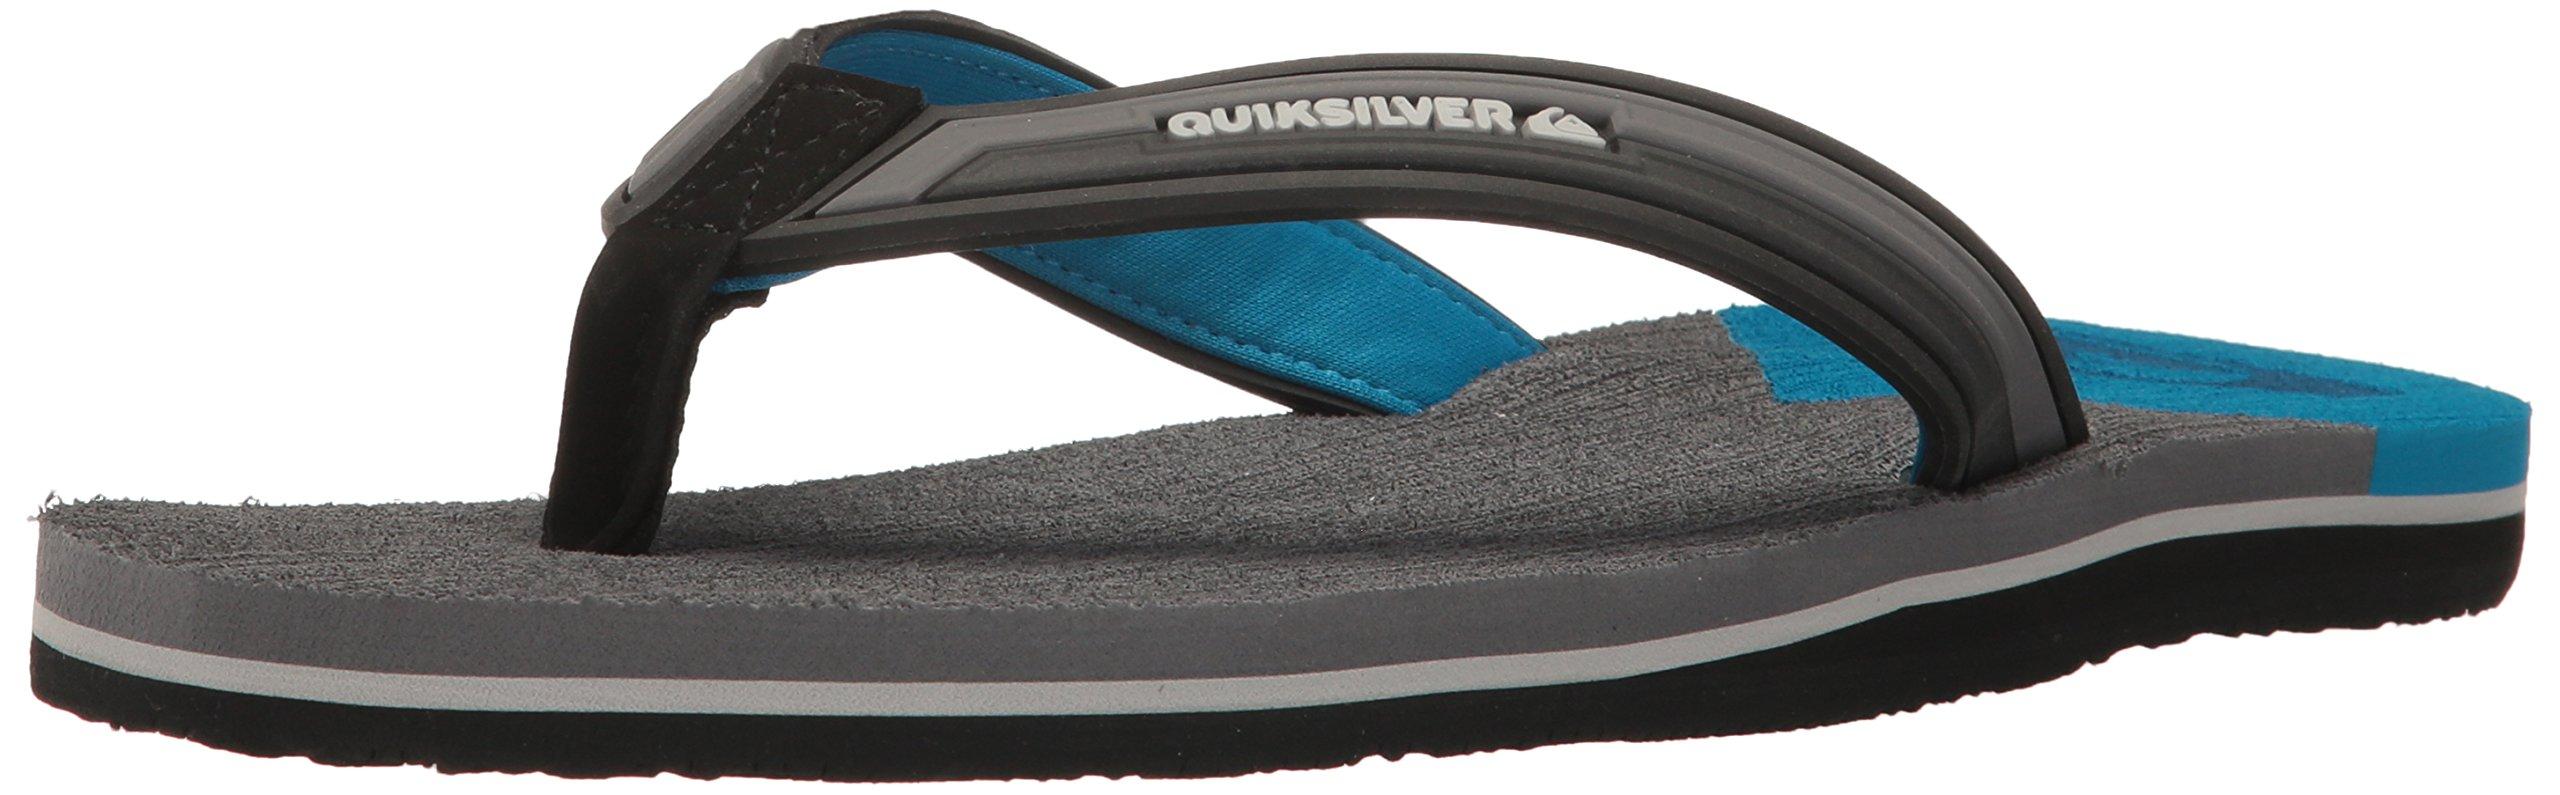 Quiksilver Men's Molokai New Wave Deluxe Flip-Flop Sandal, Black/Grey/Blue, 8(41) D US